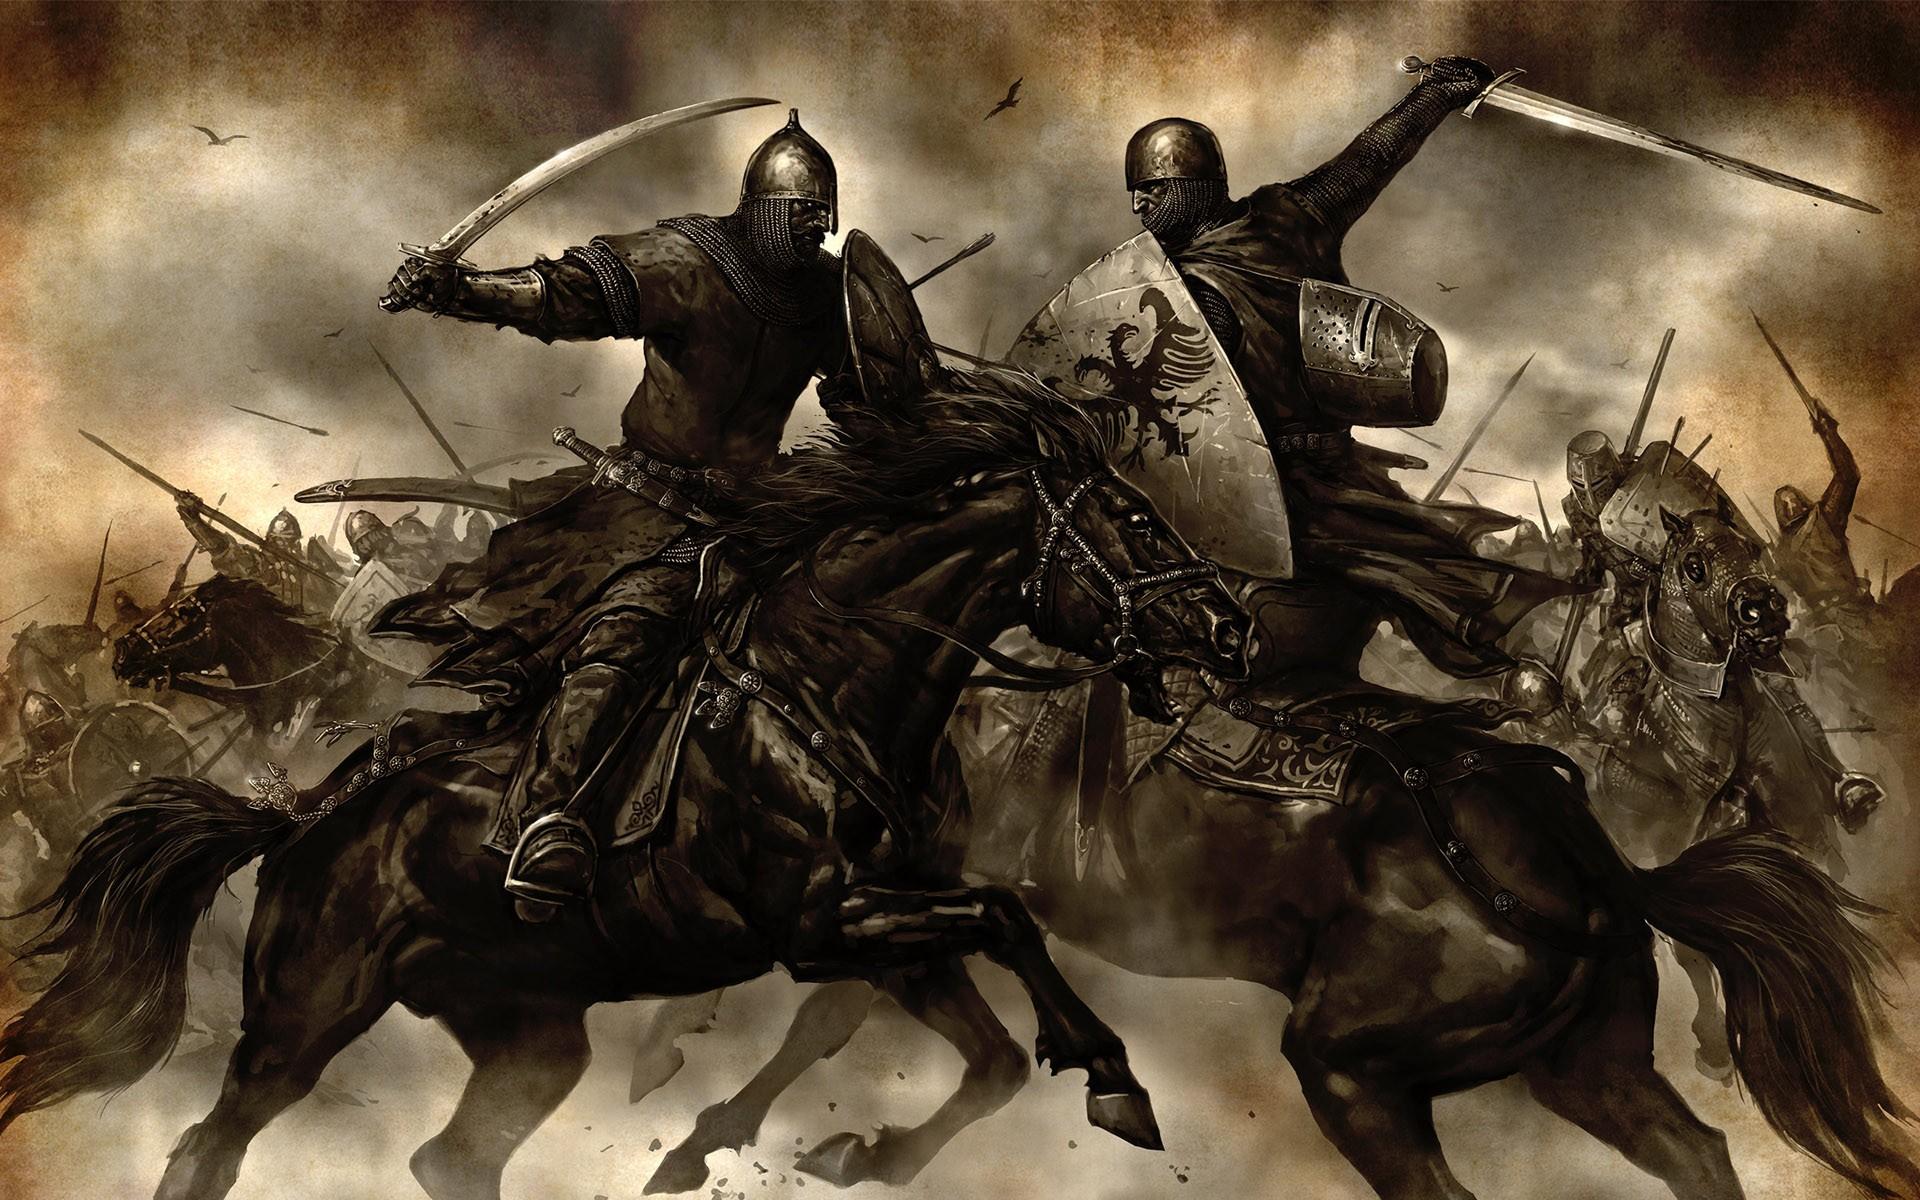 High Resolution Wallpaper | Battle 1920x1200 px